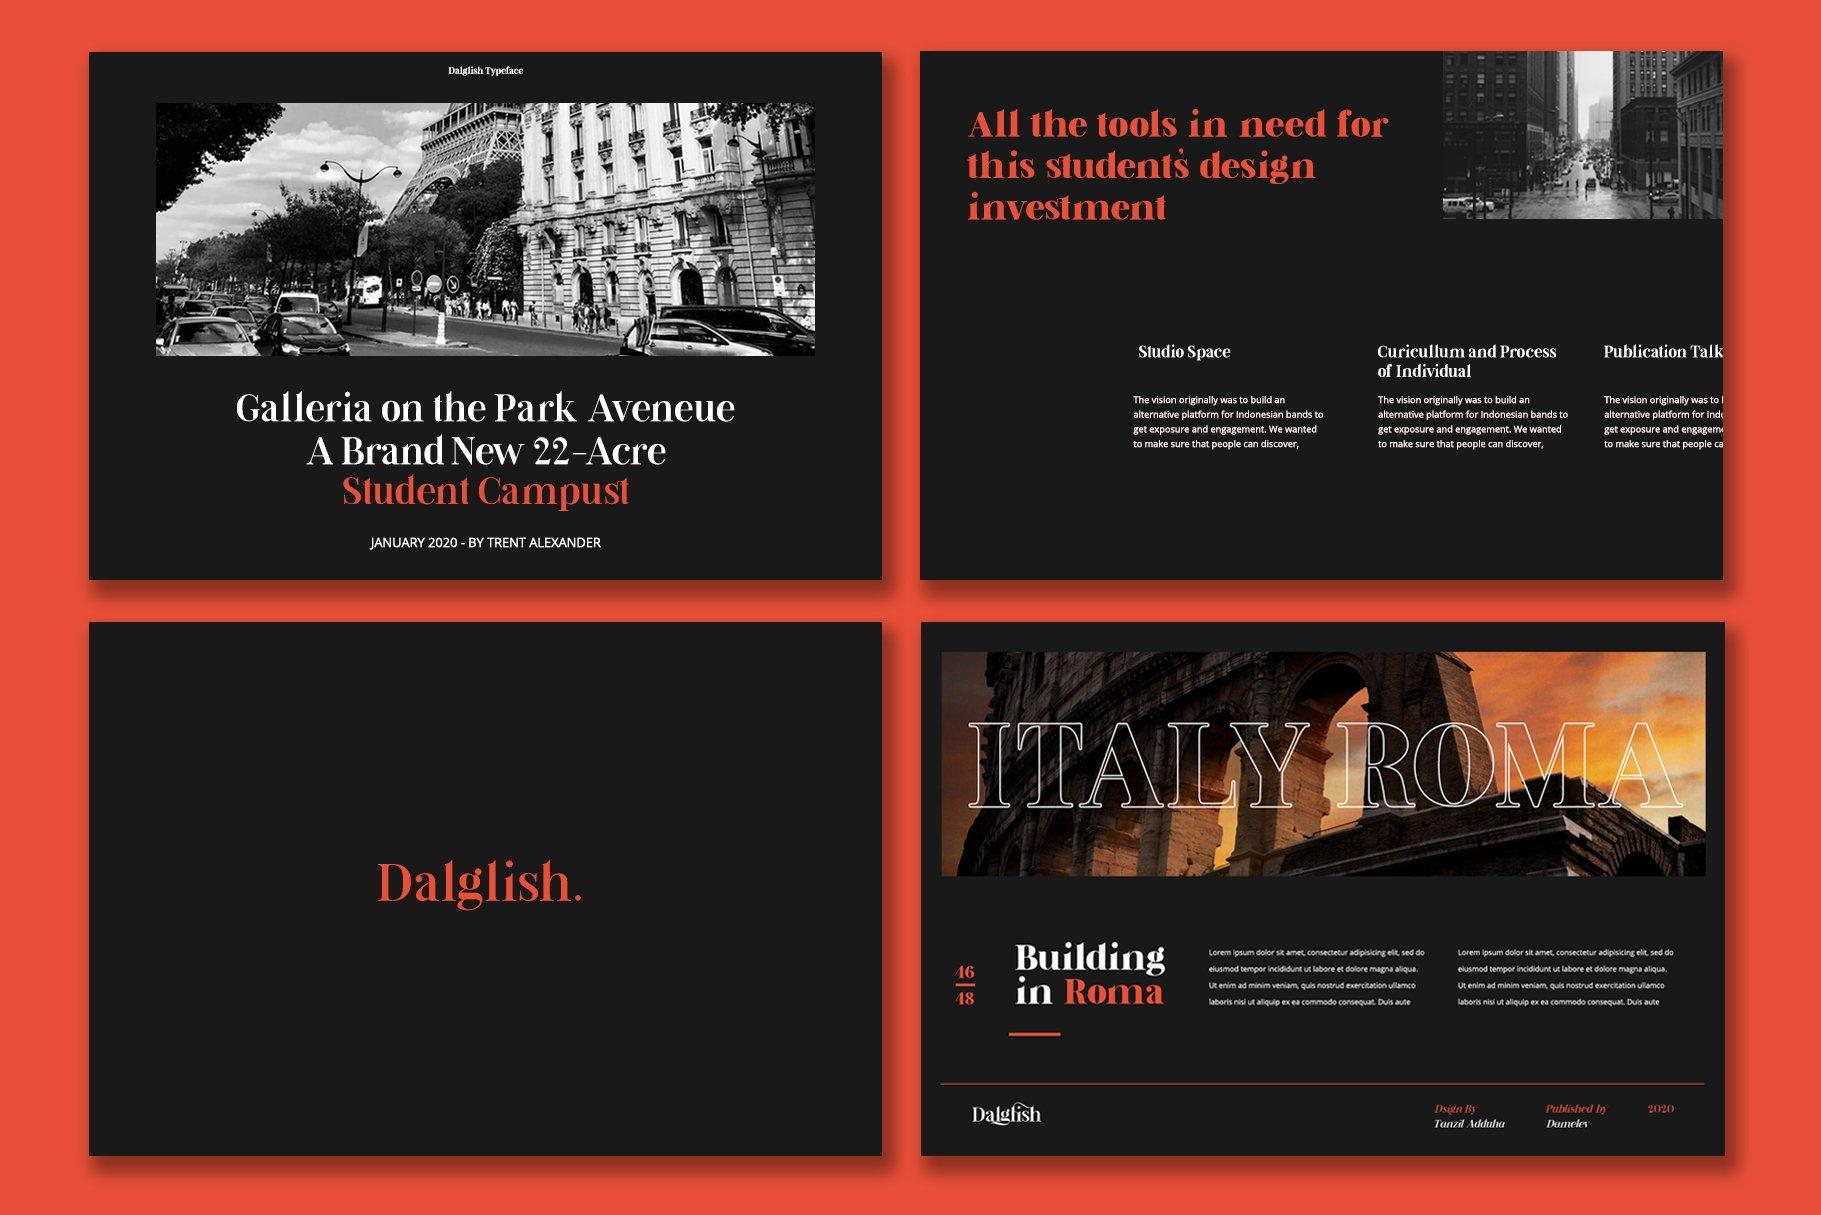 现代复古杂志海报标题徽标Logo设计衬线英文字体素材 Dalglish Typeface插图7